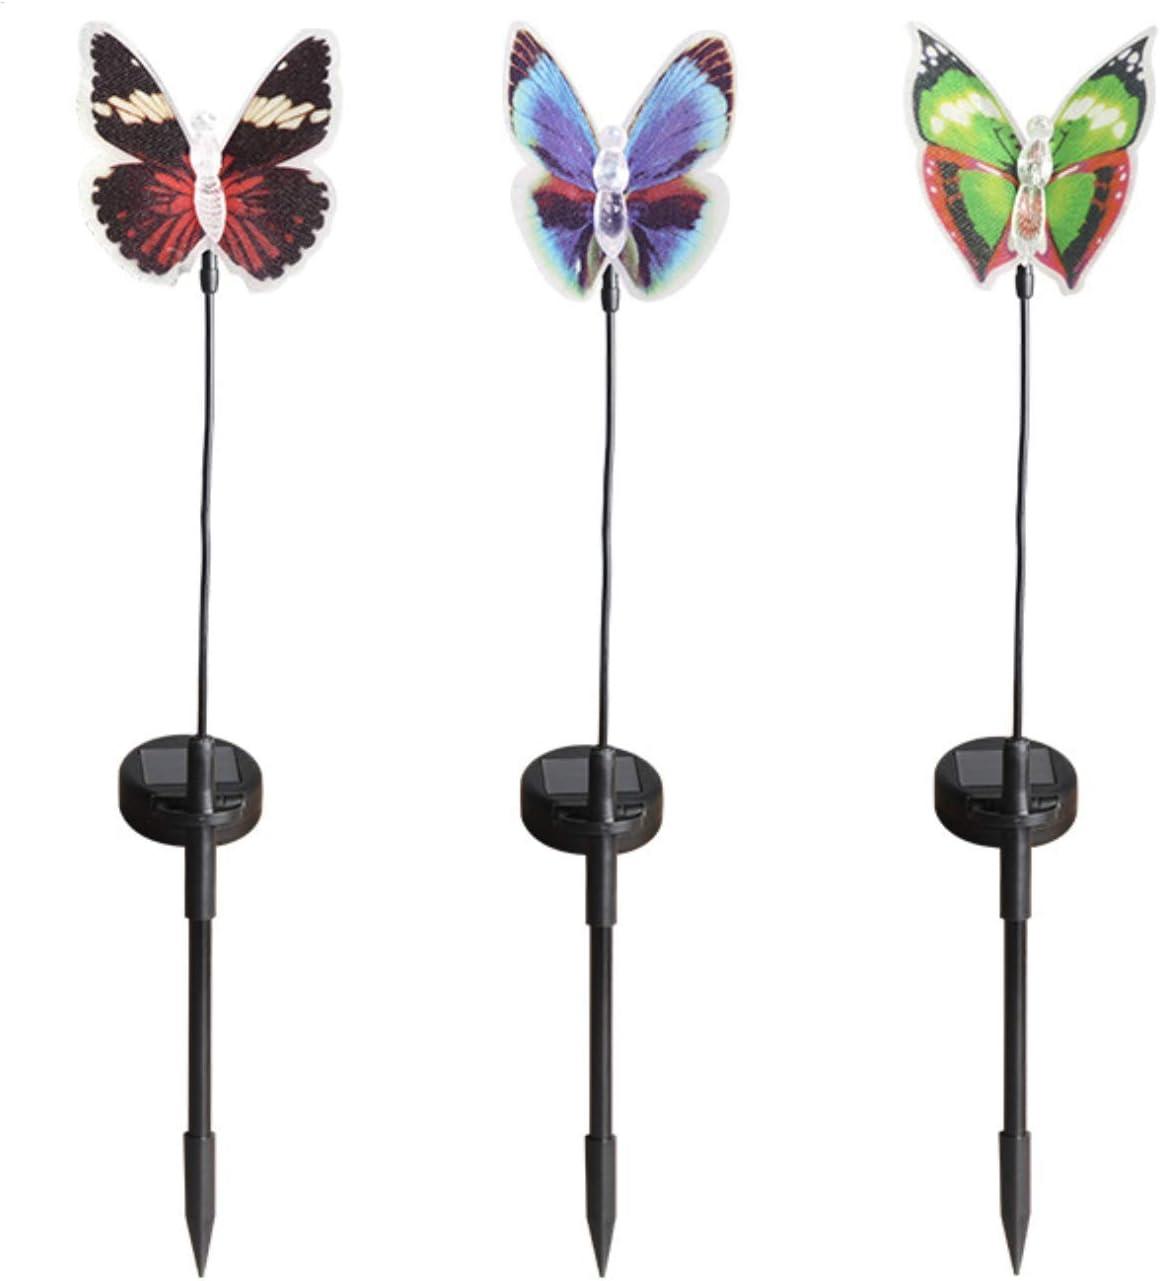 Lumi/ères de parapluie de patio de 104 LED lumineuses imperm/éables ext/érieures avec t/él/écommande /à 8 modes pour tentes de camping de parasols de jardin